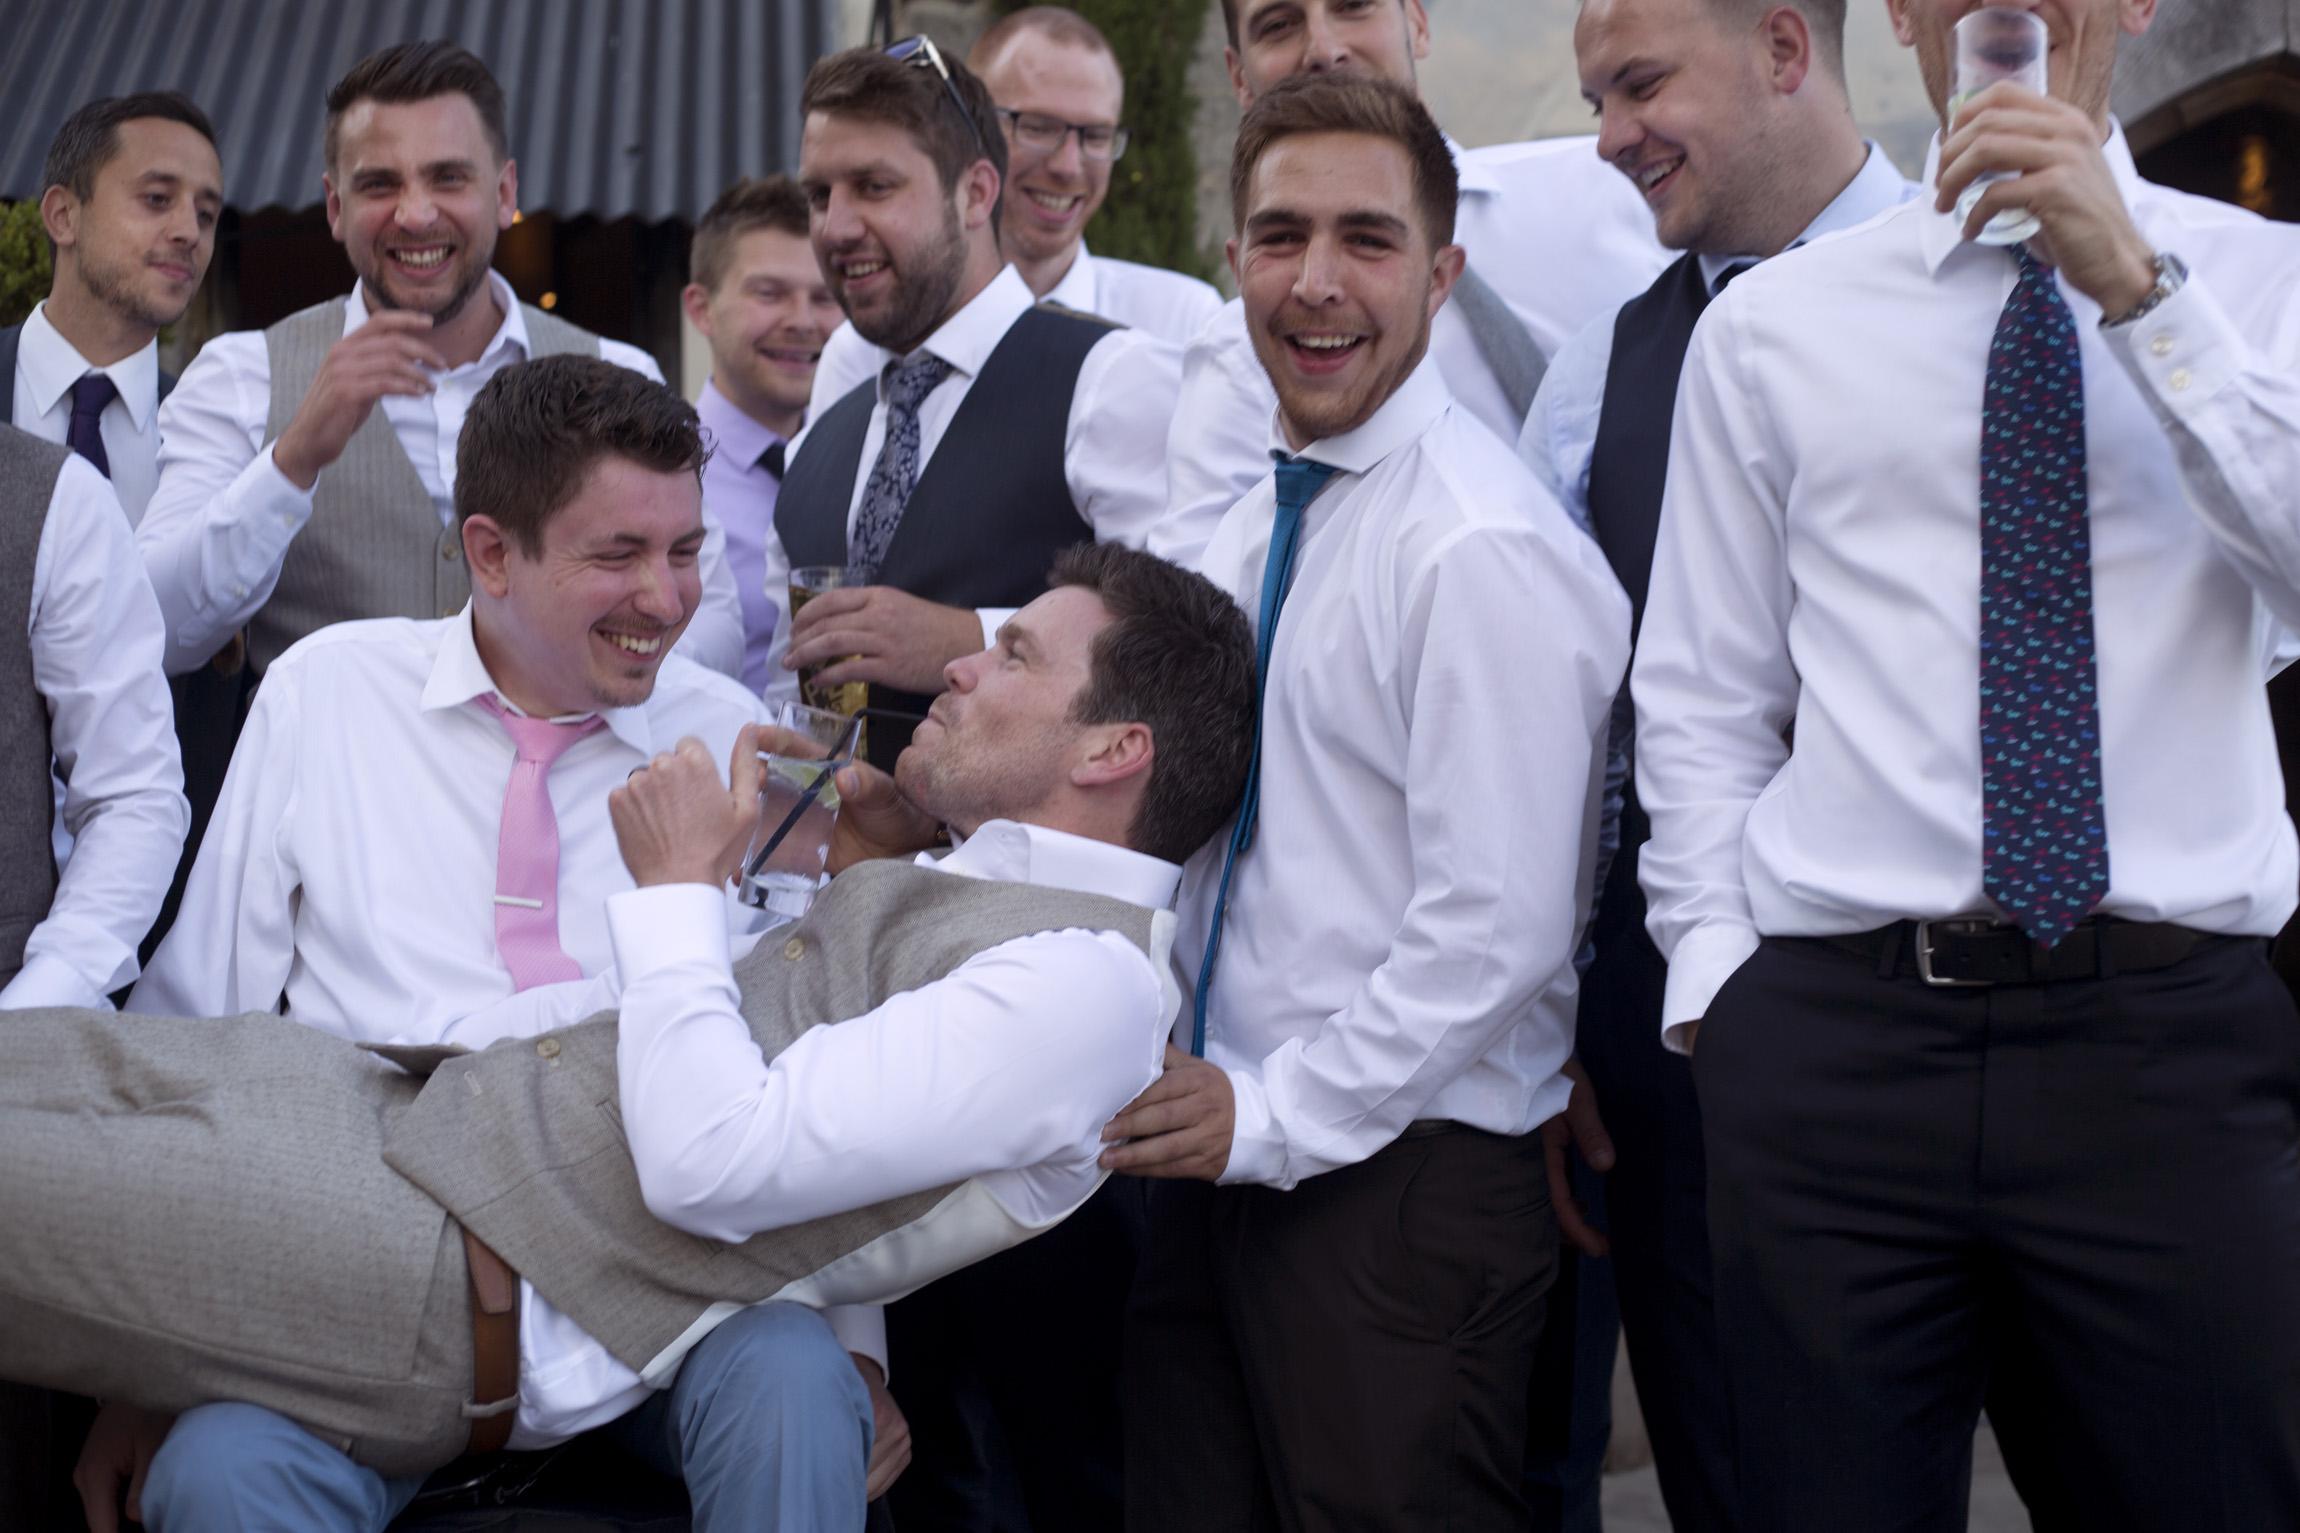 Groomsmen pick up groom Cripps barn outdoor wedding photographer